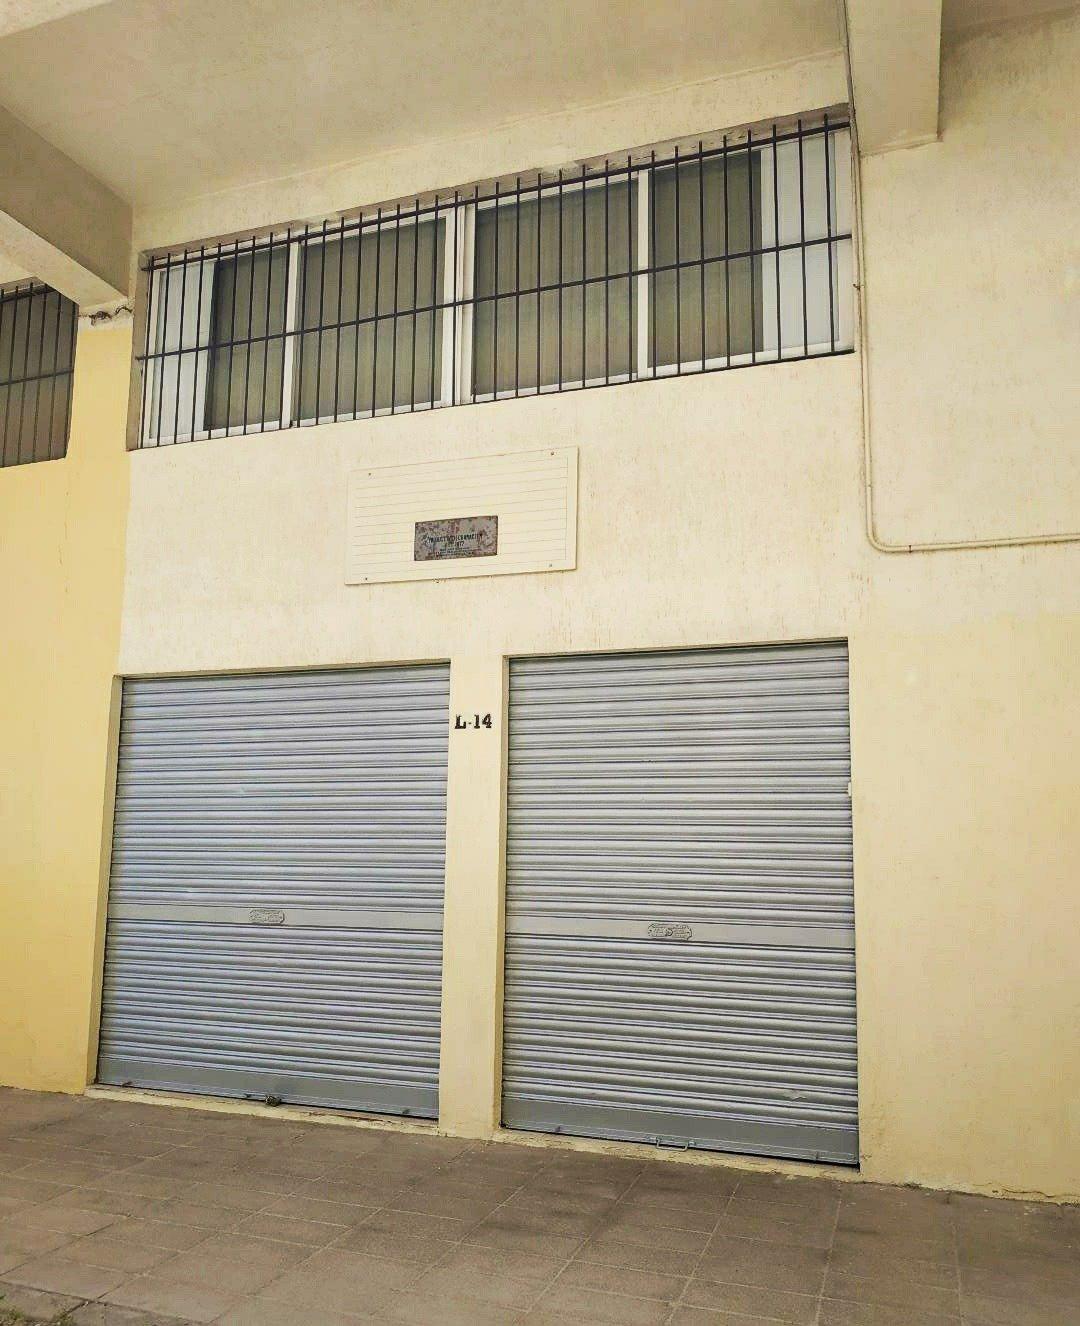 Local de SegundaMano en Benalua Alicante